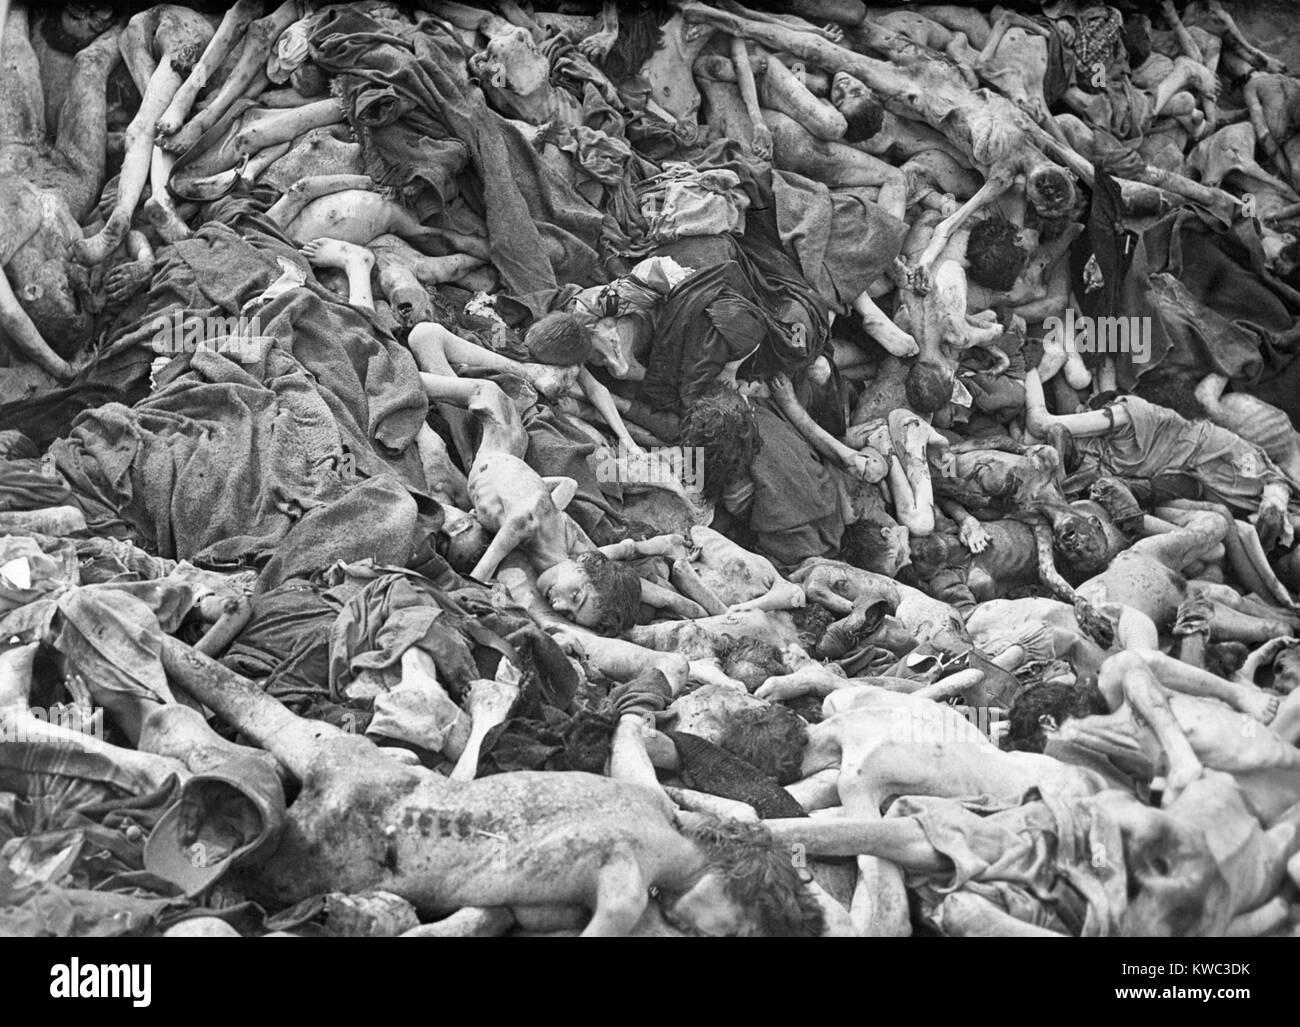 Fosa común de las víctimas del Campo de Concentración de Belsen Nazi-German, abril de 1945. En las semanas antes Foto de stock